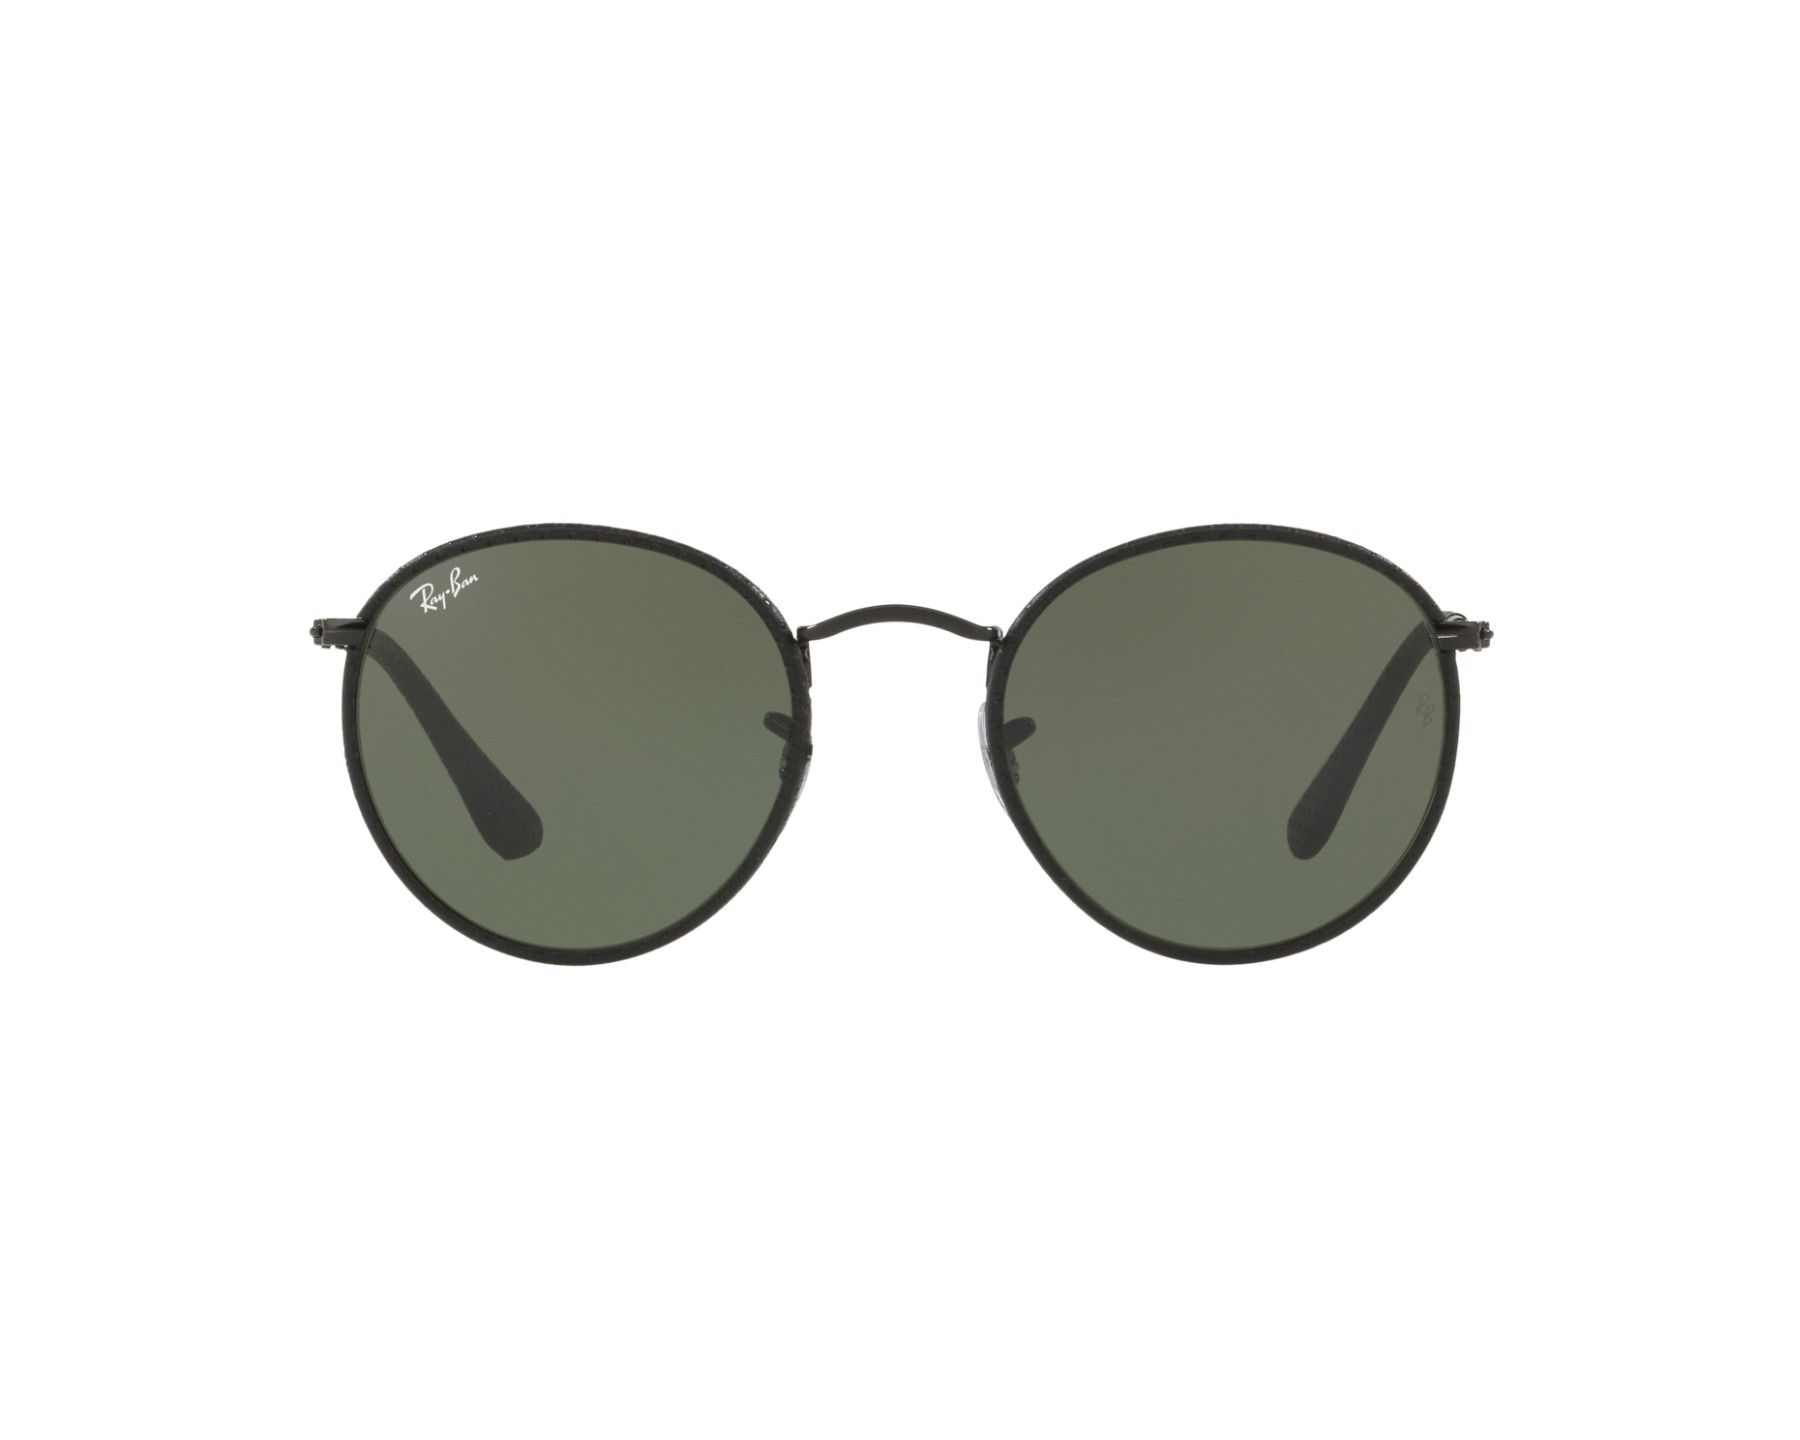 RAY BAN RAY-BAN Sonnenbrille »ROUND CRAFT RB3475Q«, schwarz, 9040 - schwarz/grün